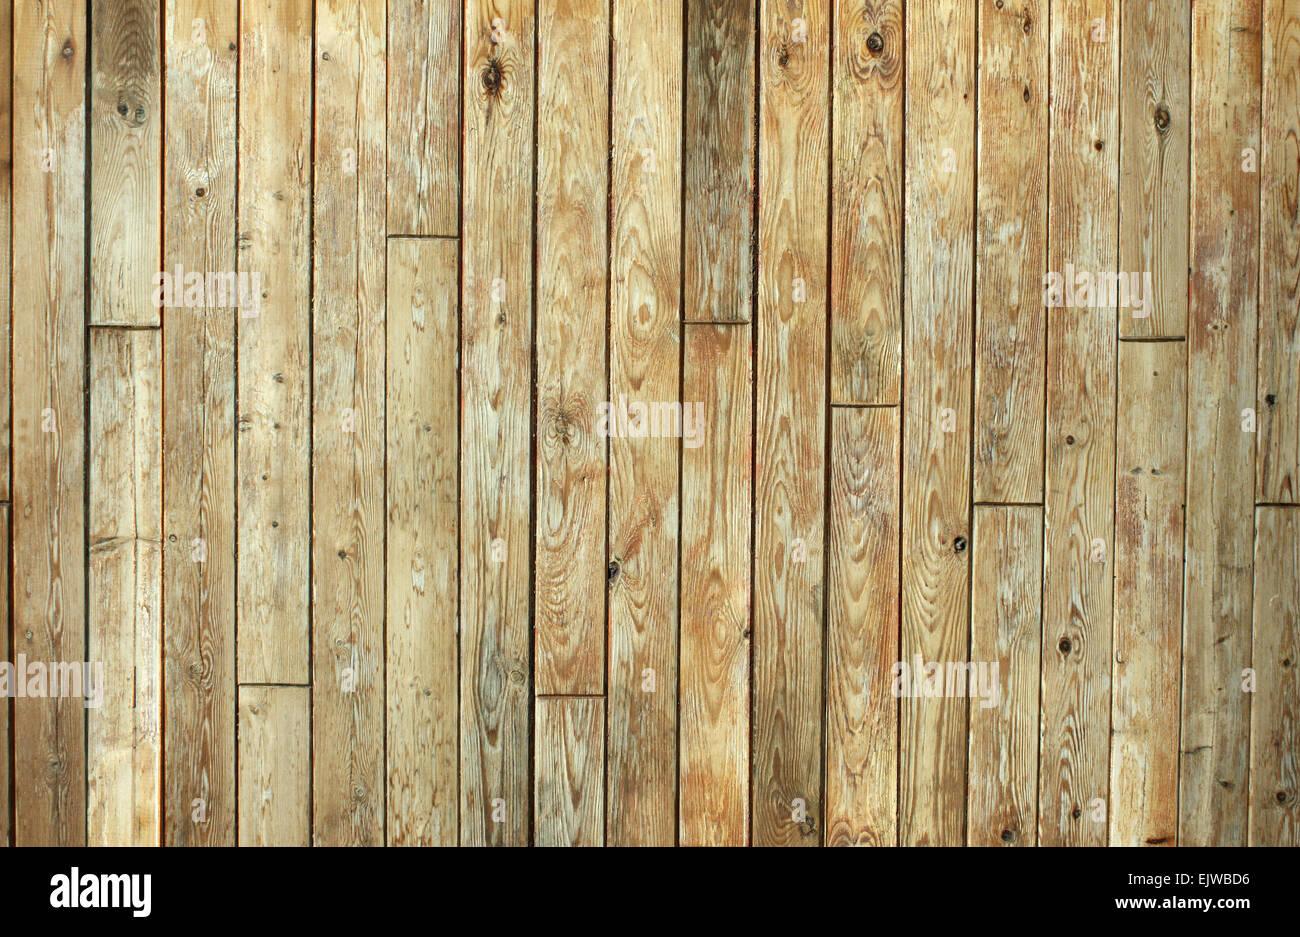 Dirty old tavole di legno con nodi. Ottimo per la texture di sfondo e design con legno. Immagini Stock